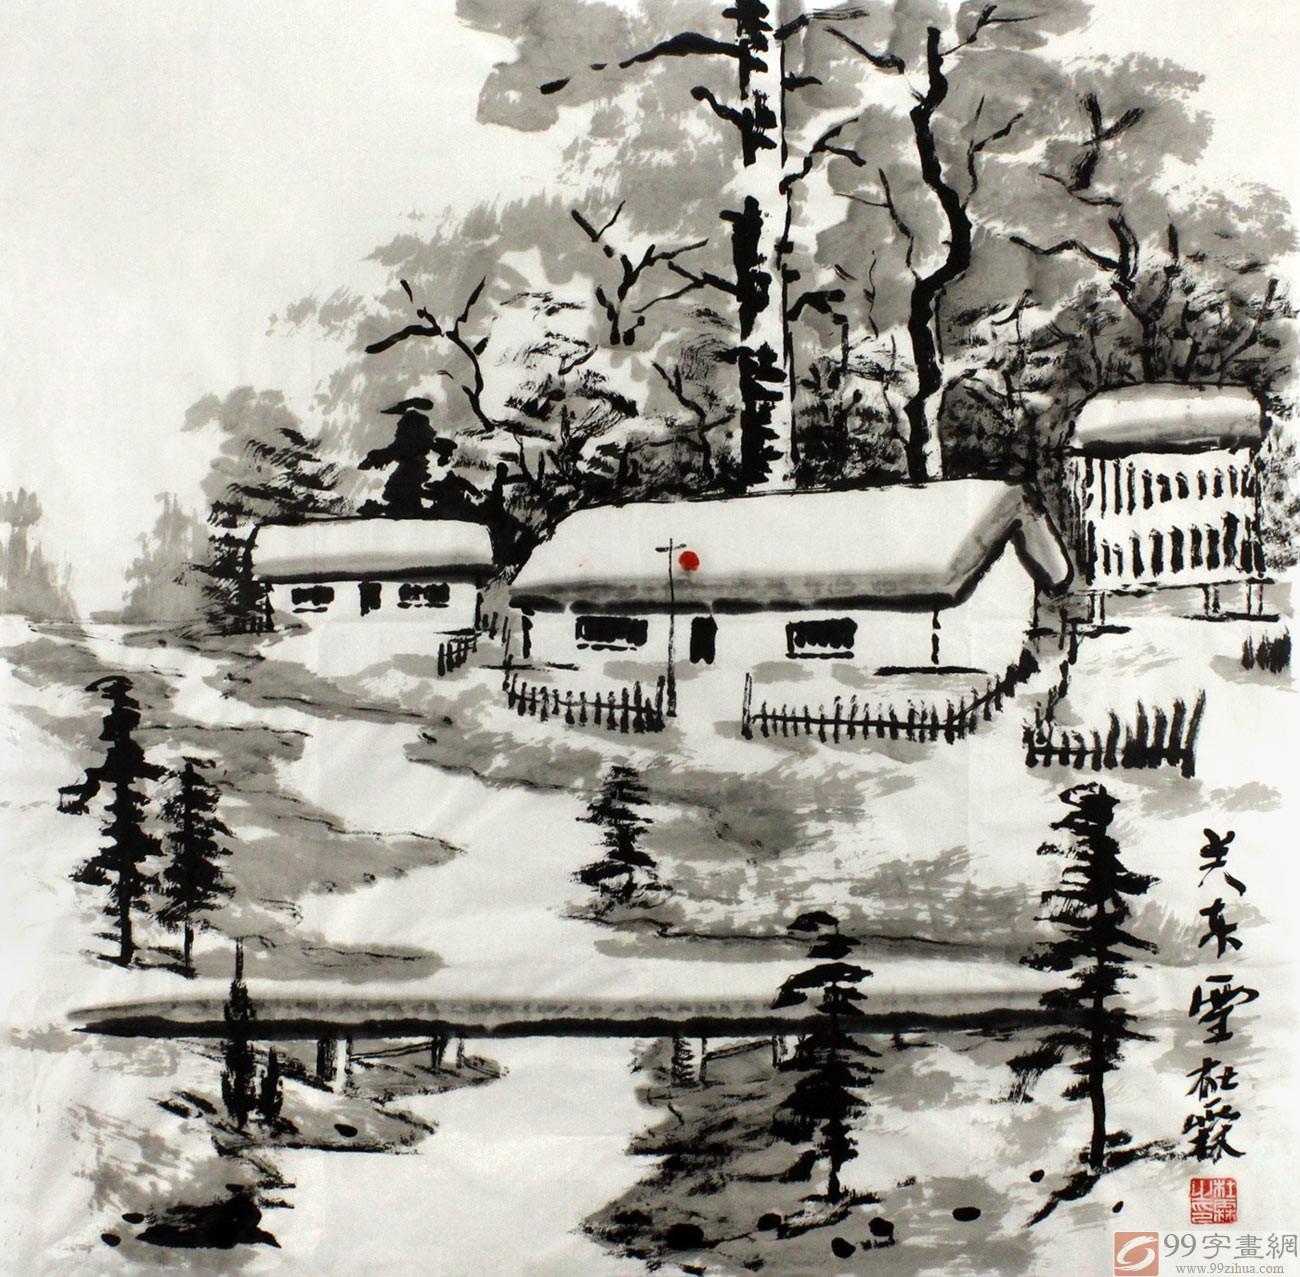 皑皑白雪覆盖着河流,拱桥,树木